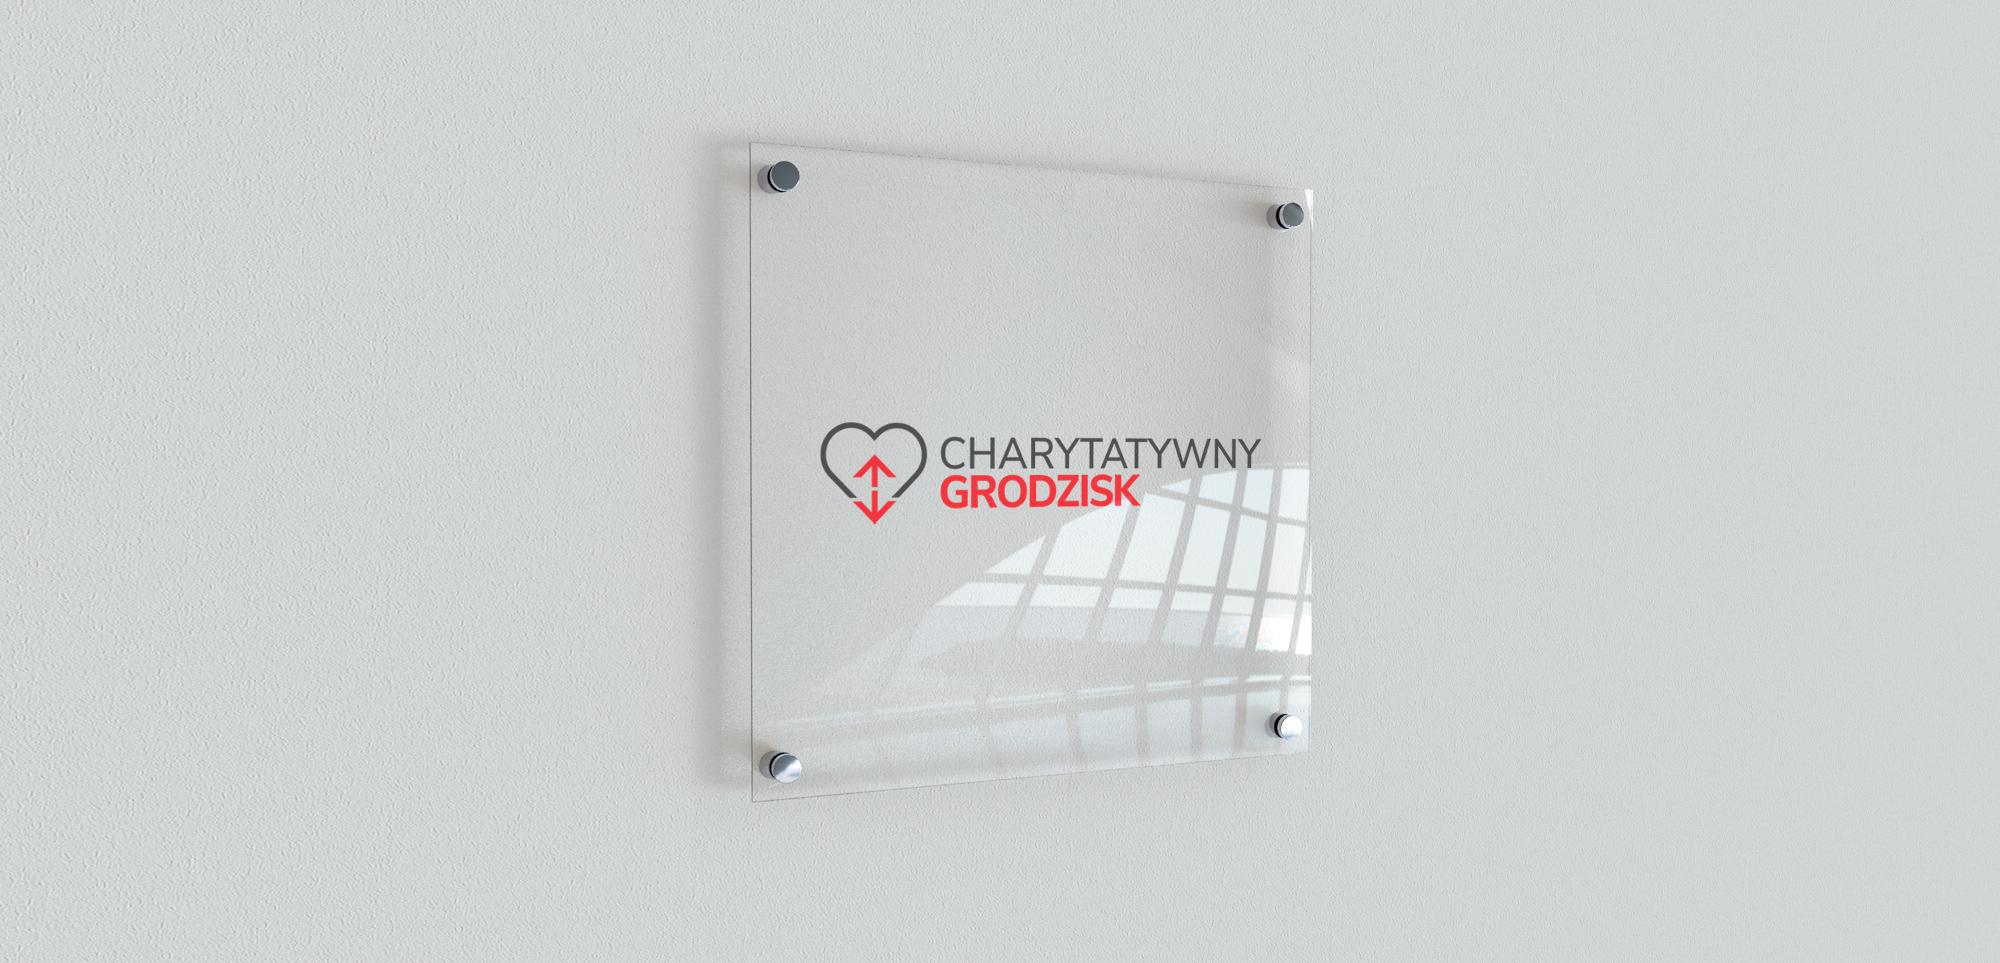 zdjecie realizacja charytatywny grodzisk 2